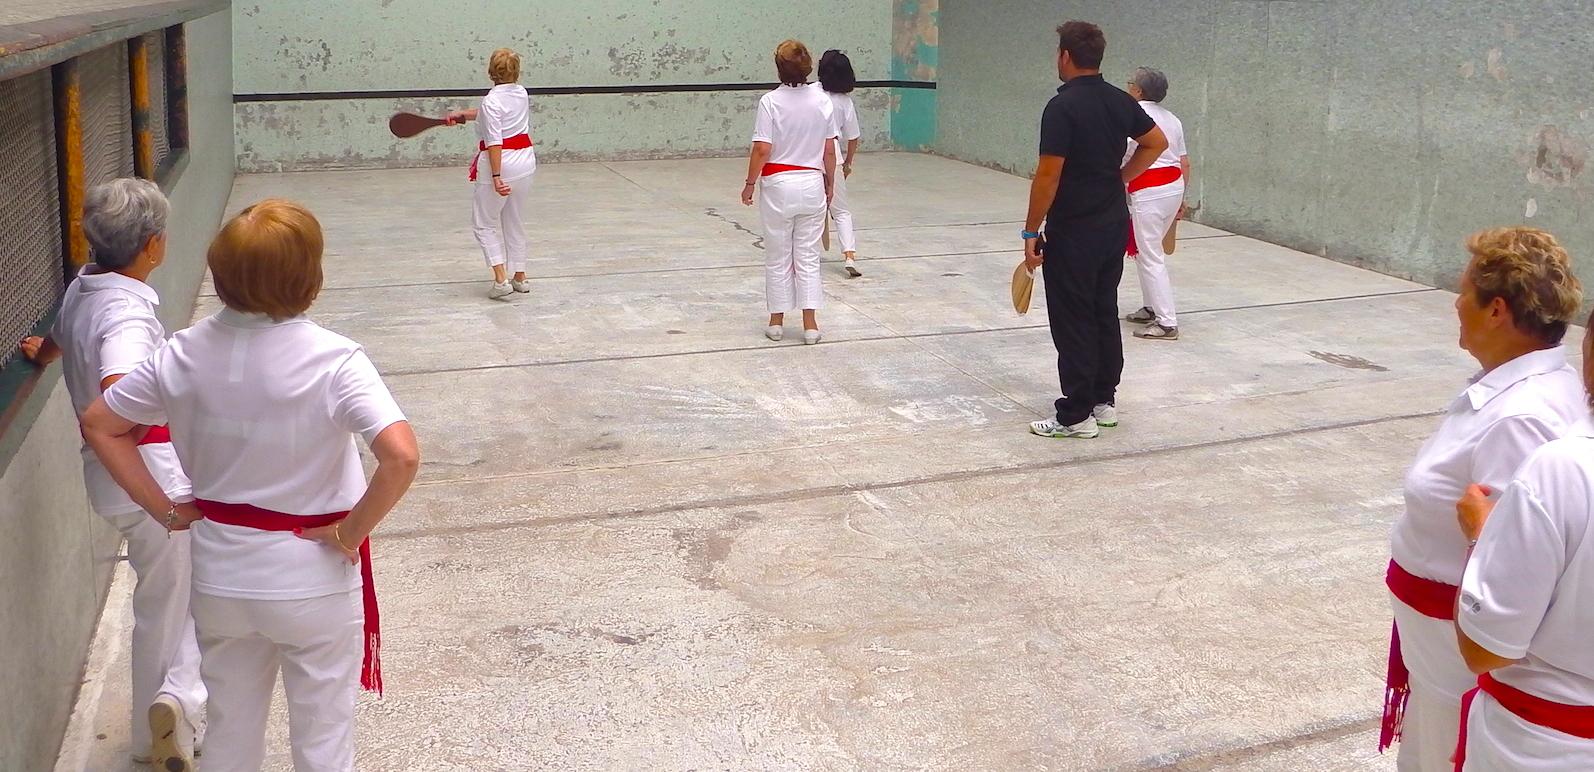 journée-visite-saint-jean-de-luz-agence-voyage-pays-basque-initiation-pelote-basque-12